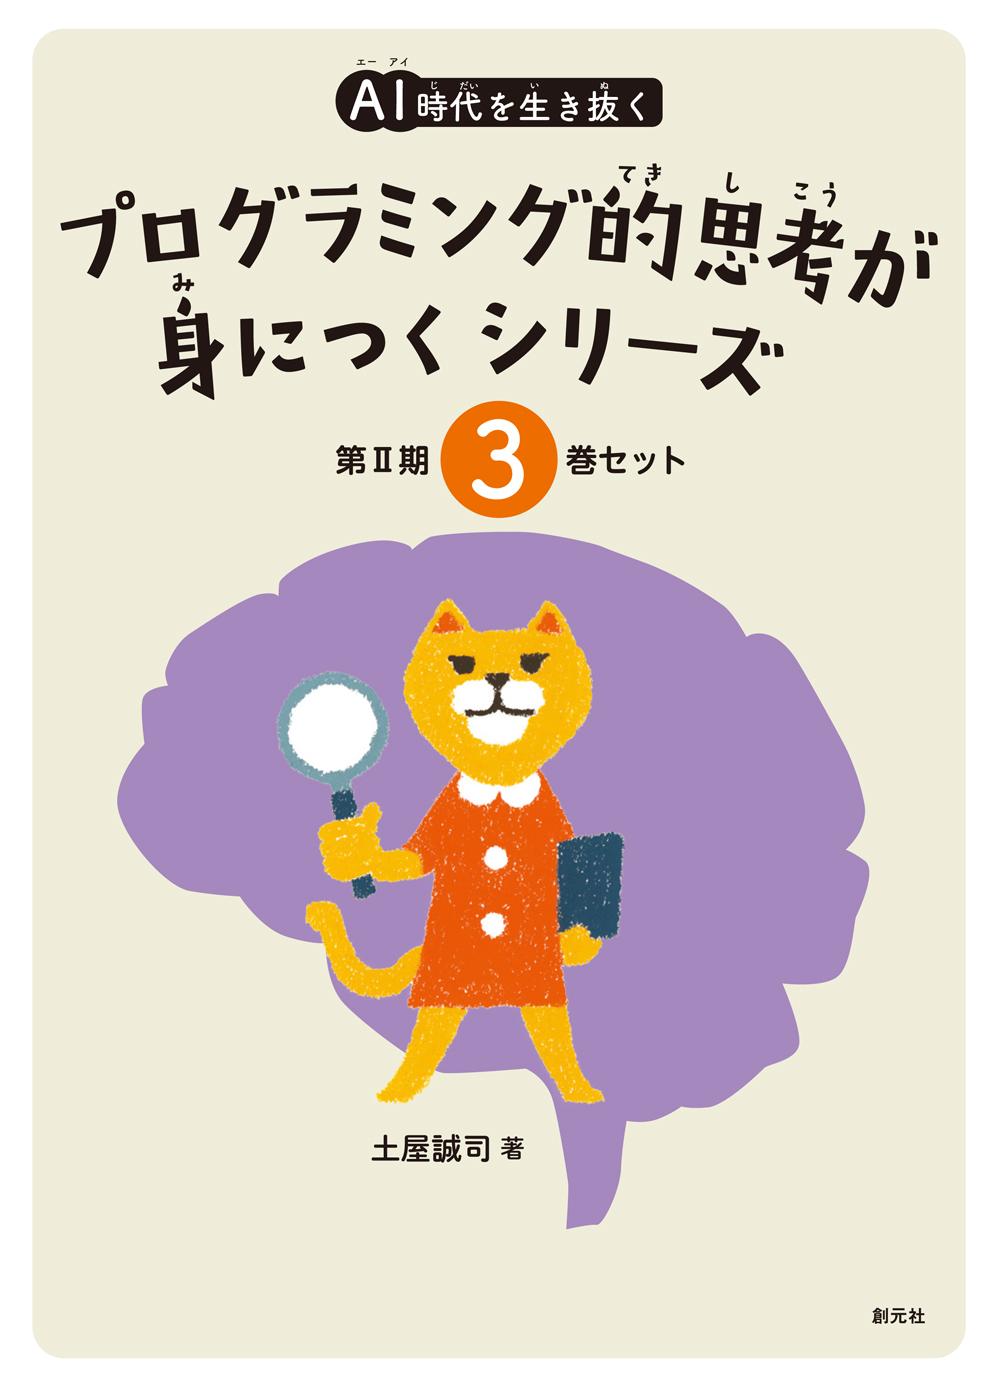 AI時代を生き抜くプログラミング的思考が身につくシリーズ【3巻セット(④~⑥)】